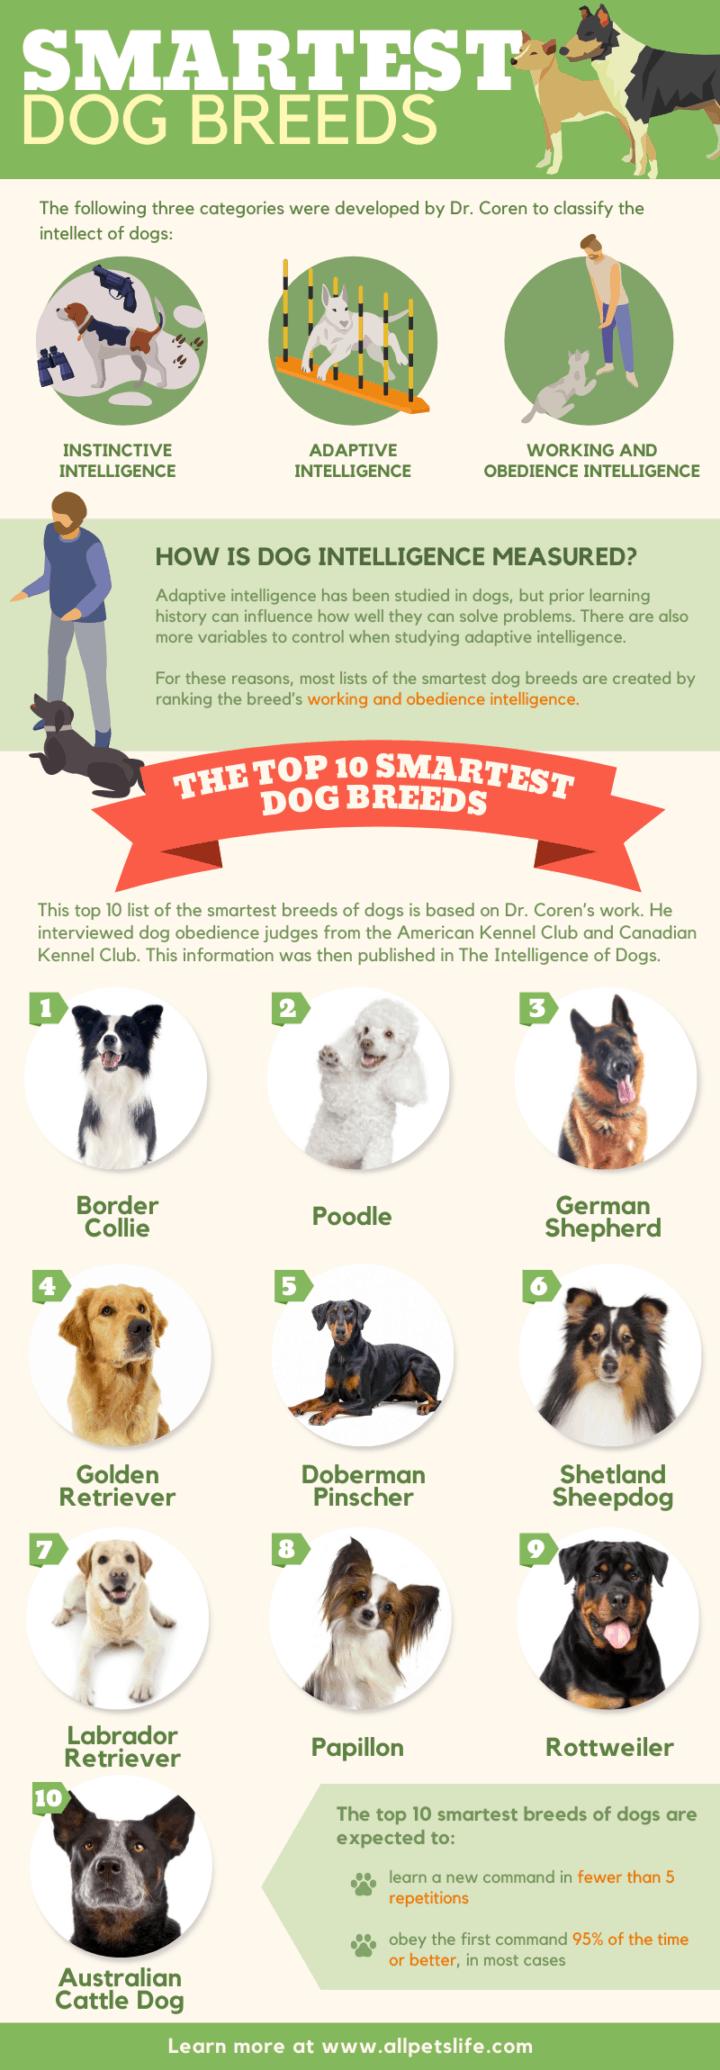 top 10 smartest dog breeds infographic